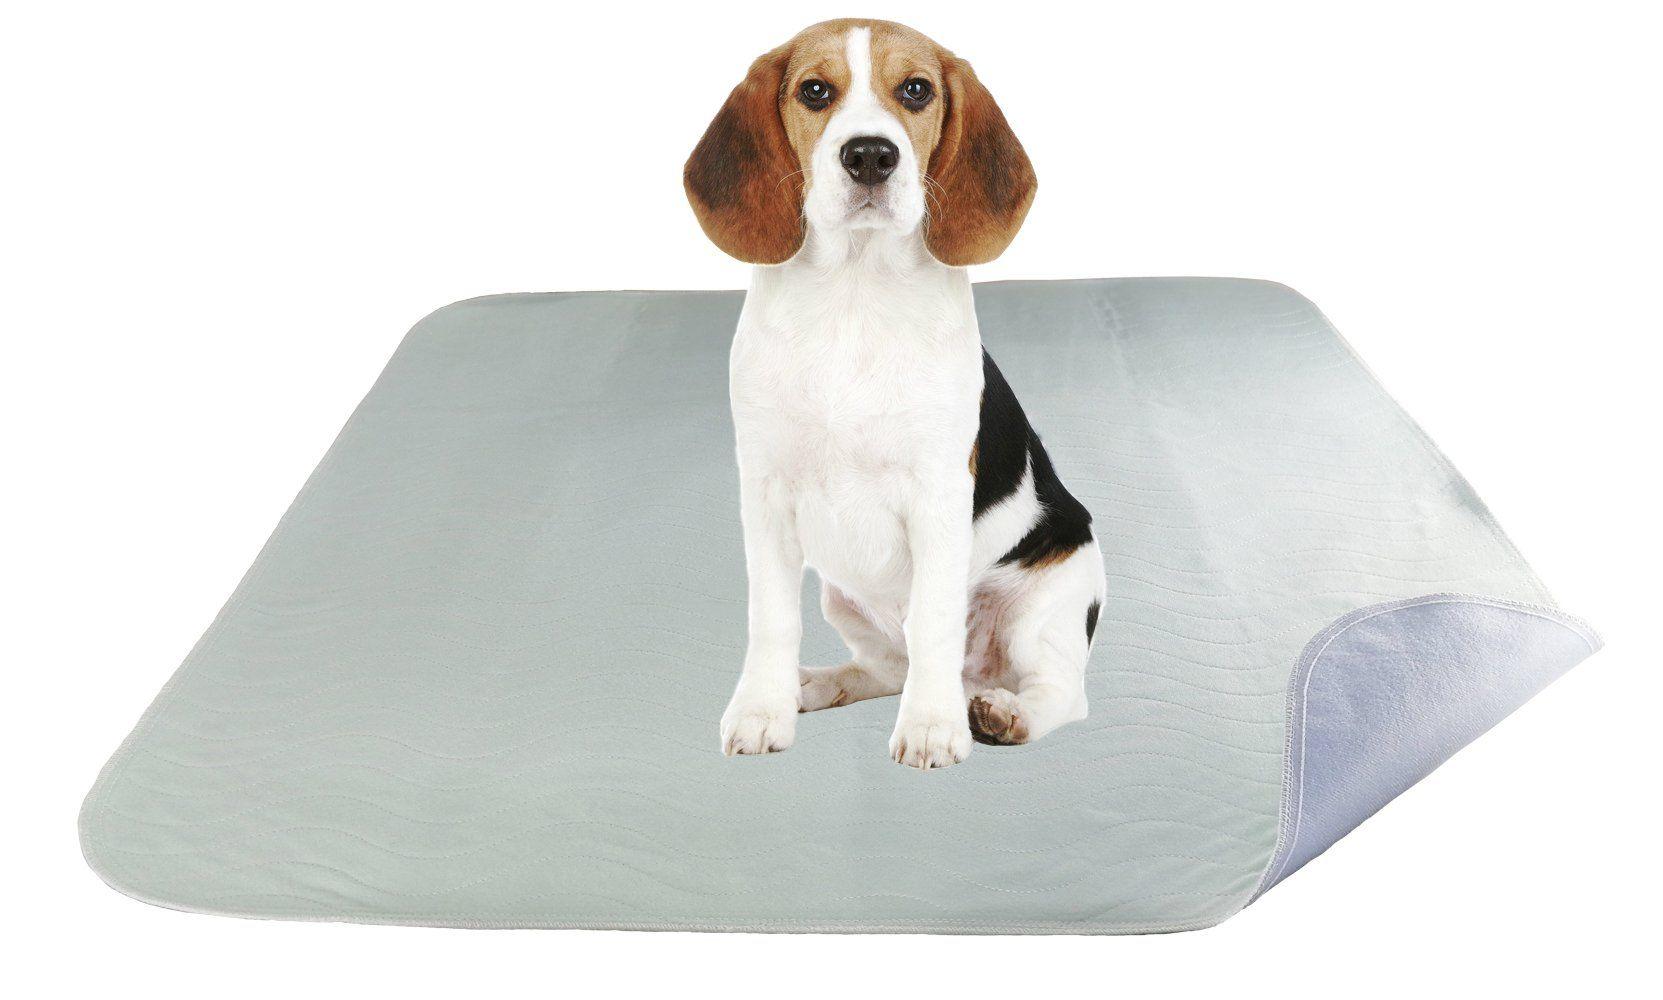 ZISU 2 Pack Washable Dog Training Pads Ultra Soft Large